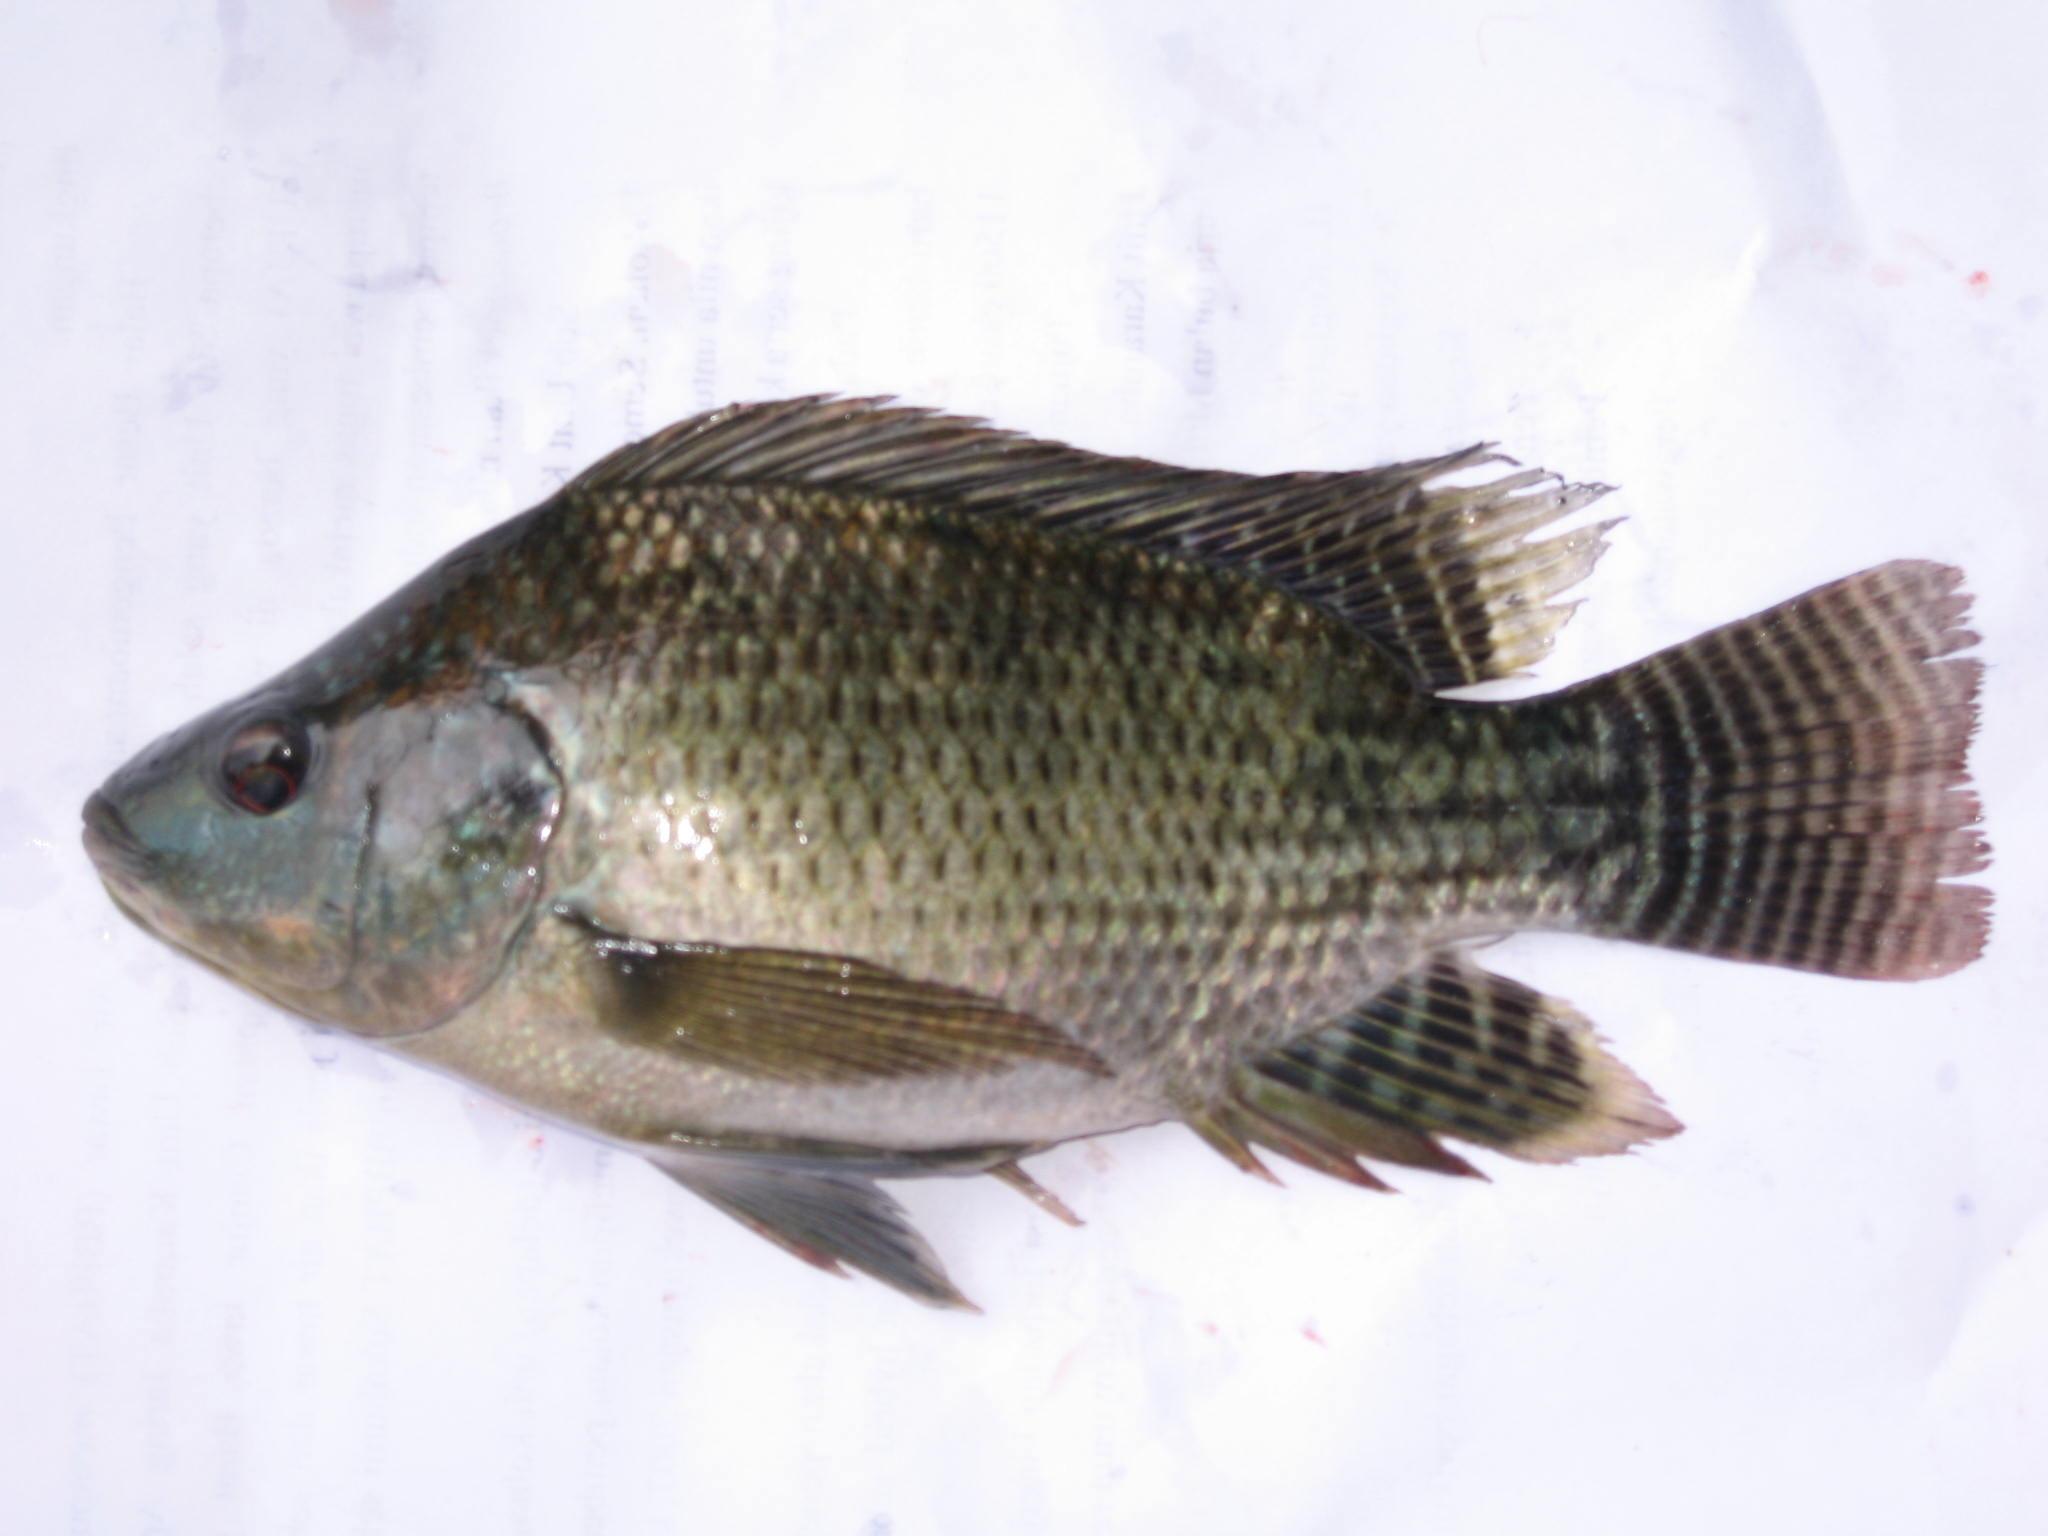 Jual bibit ikan air tawar-img_3291.jpg